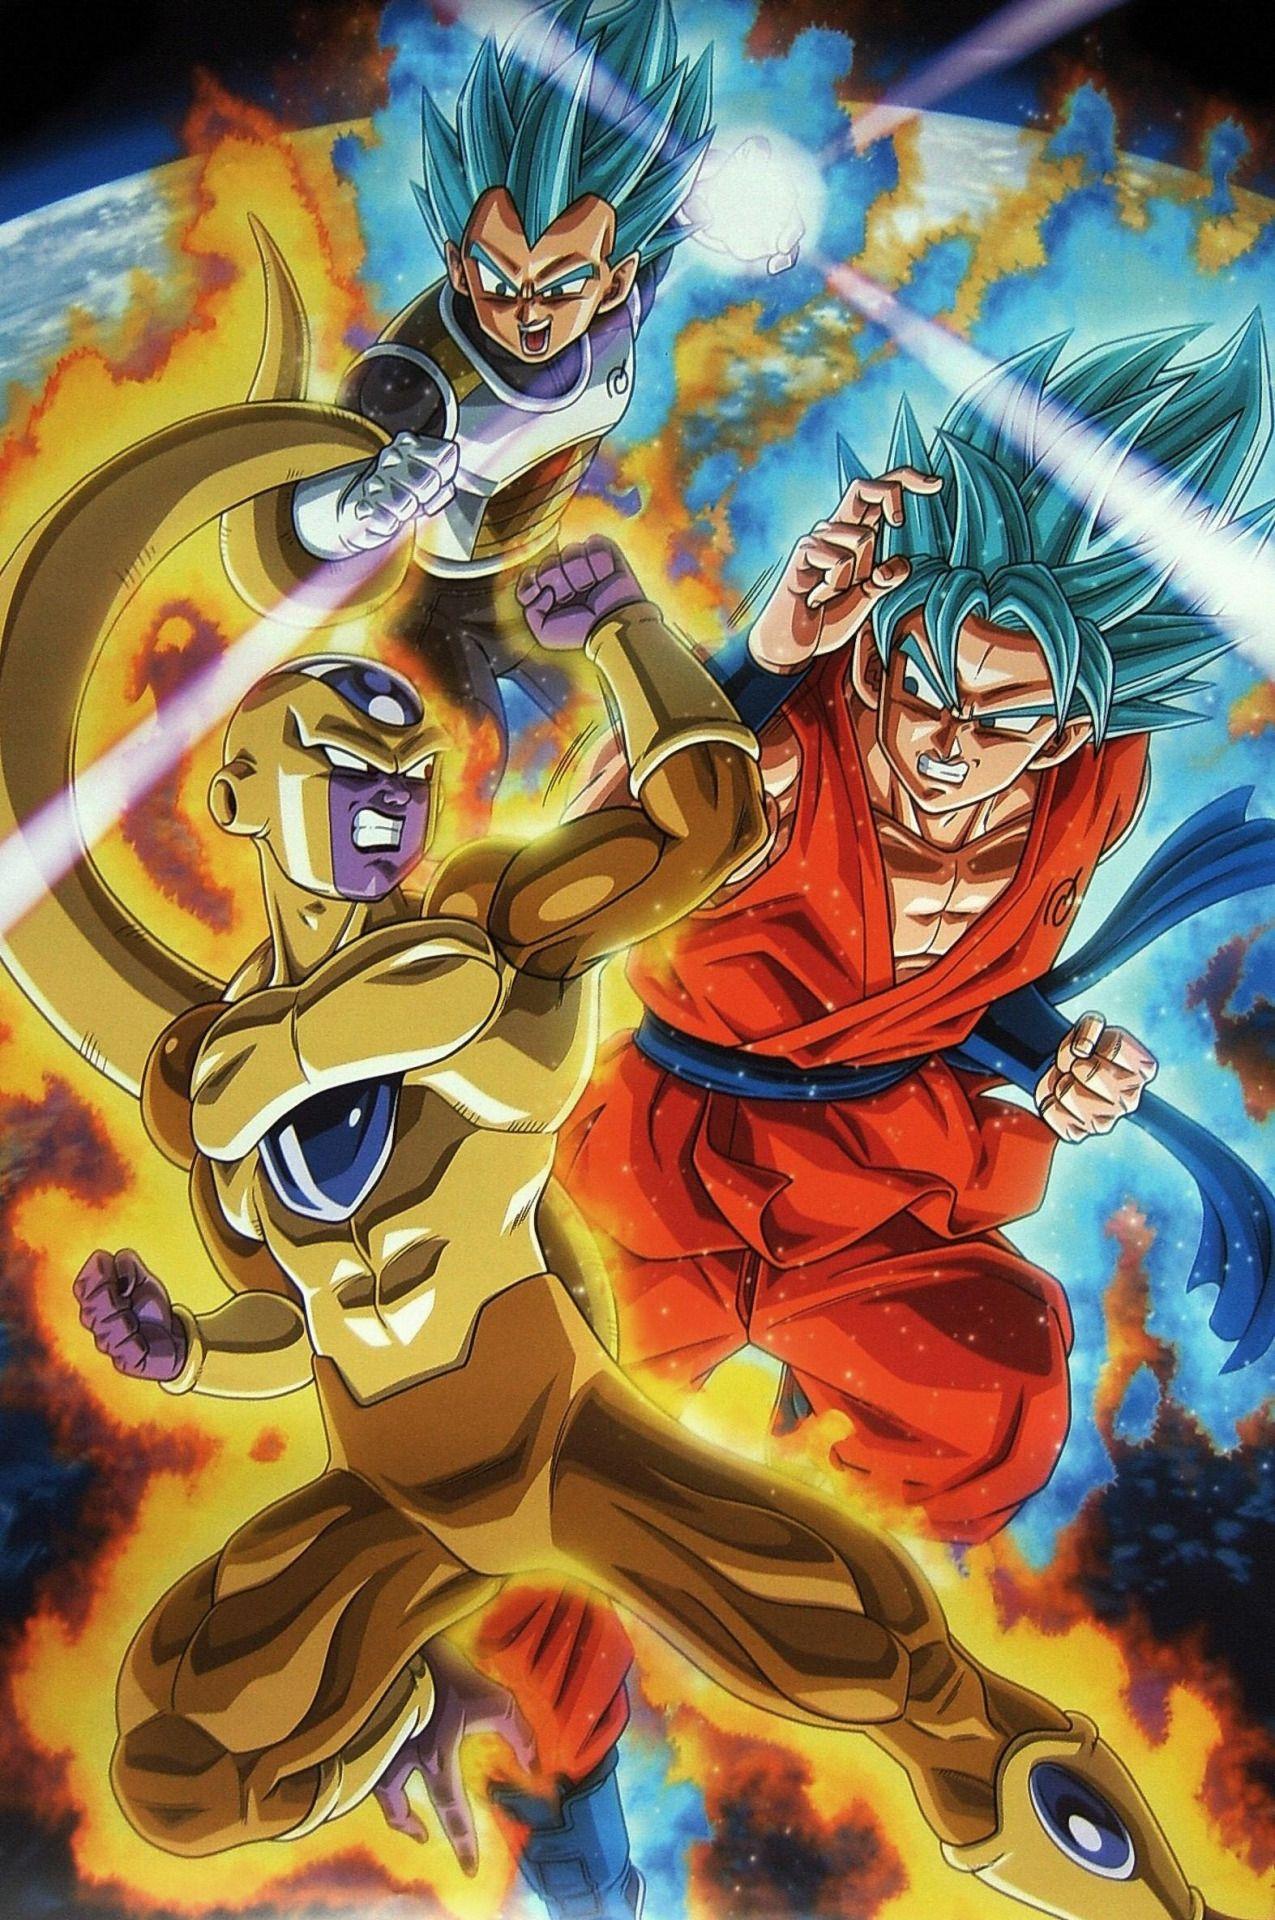 Super Saiyan God Super Saiyan Vegeta & Goku SSGSS vs ...